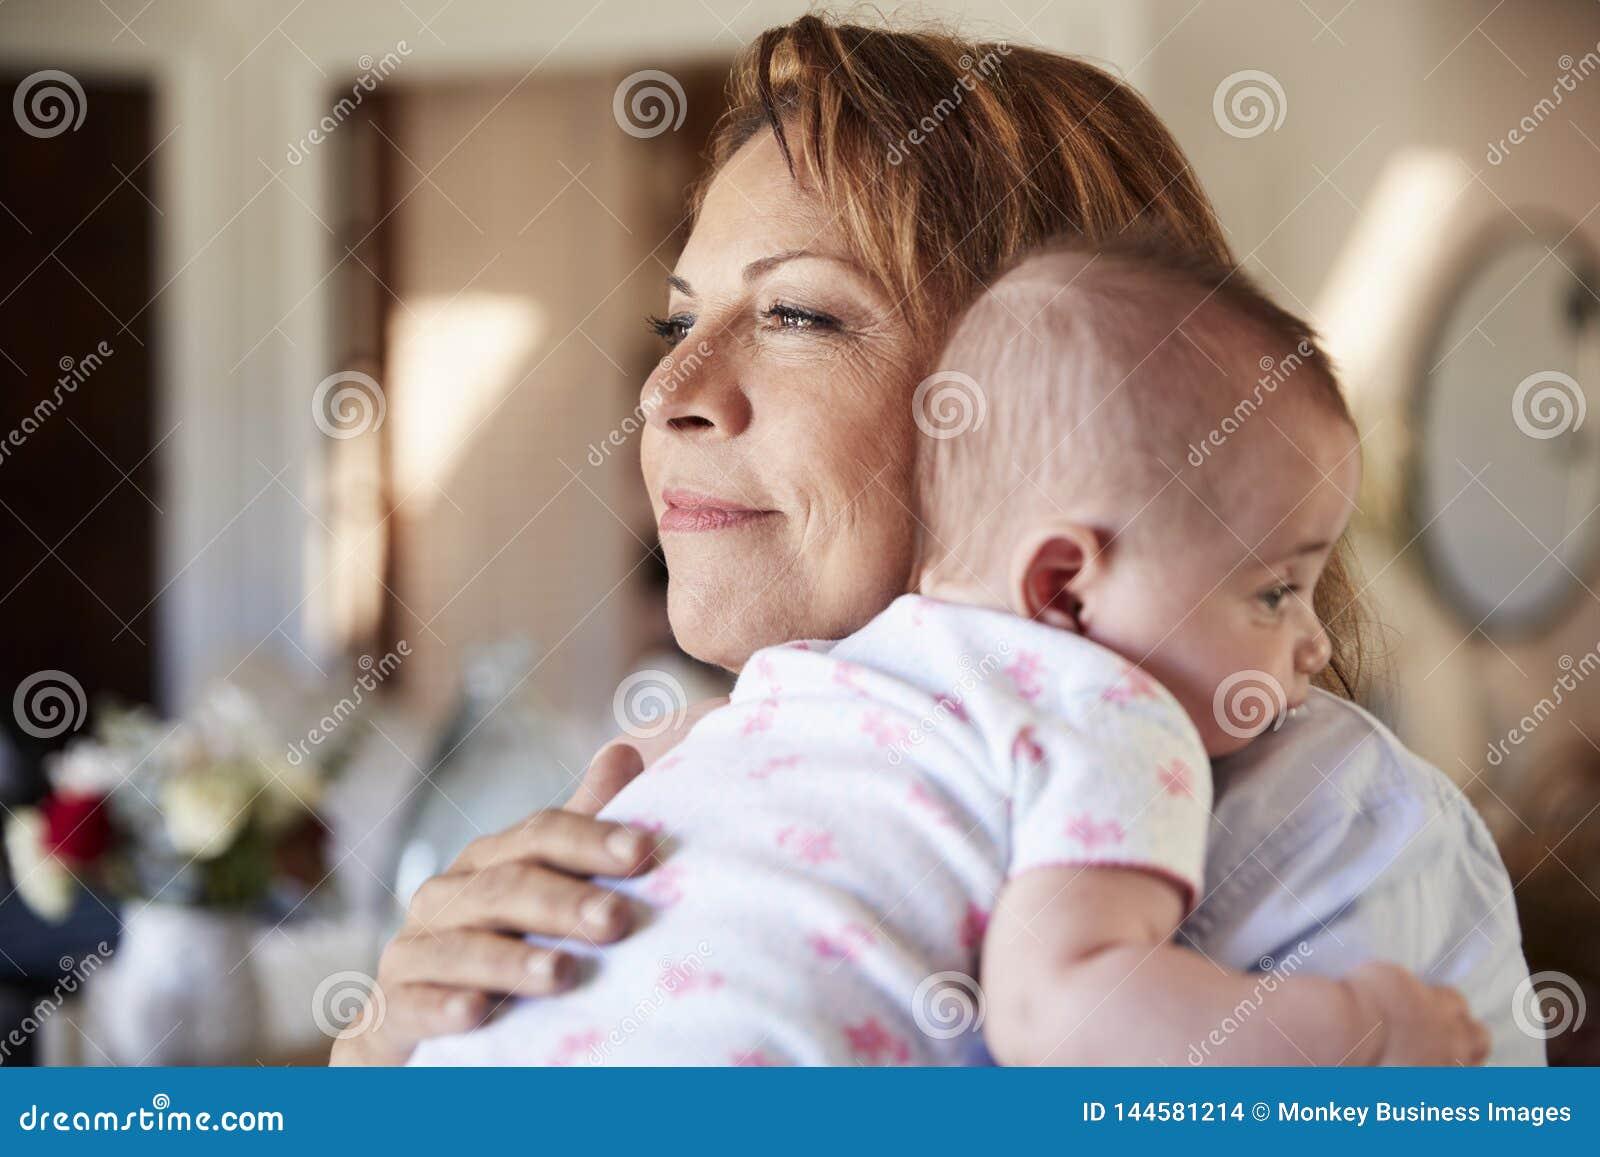 Nonna ispana invecchiata media che tiene il suo nipote neonato, di gran lunga, fine su